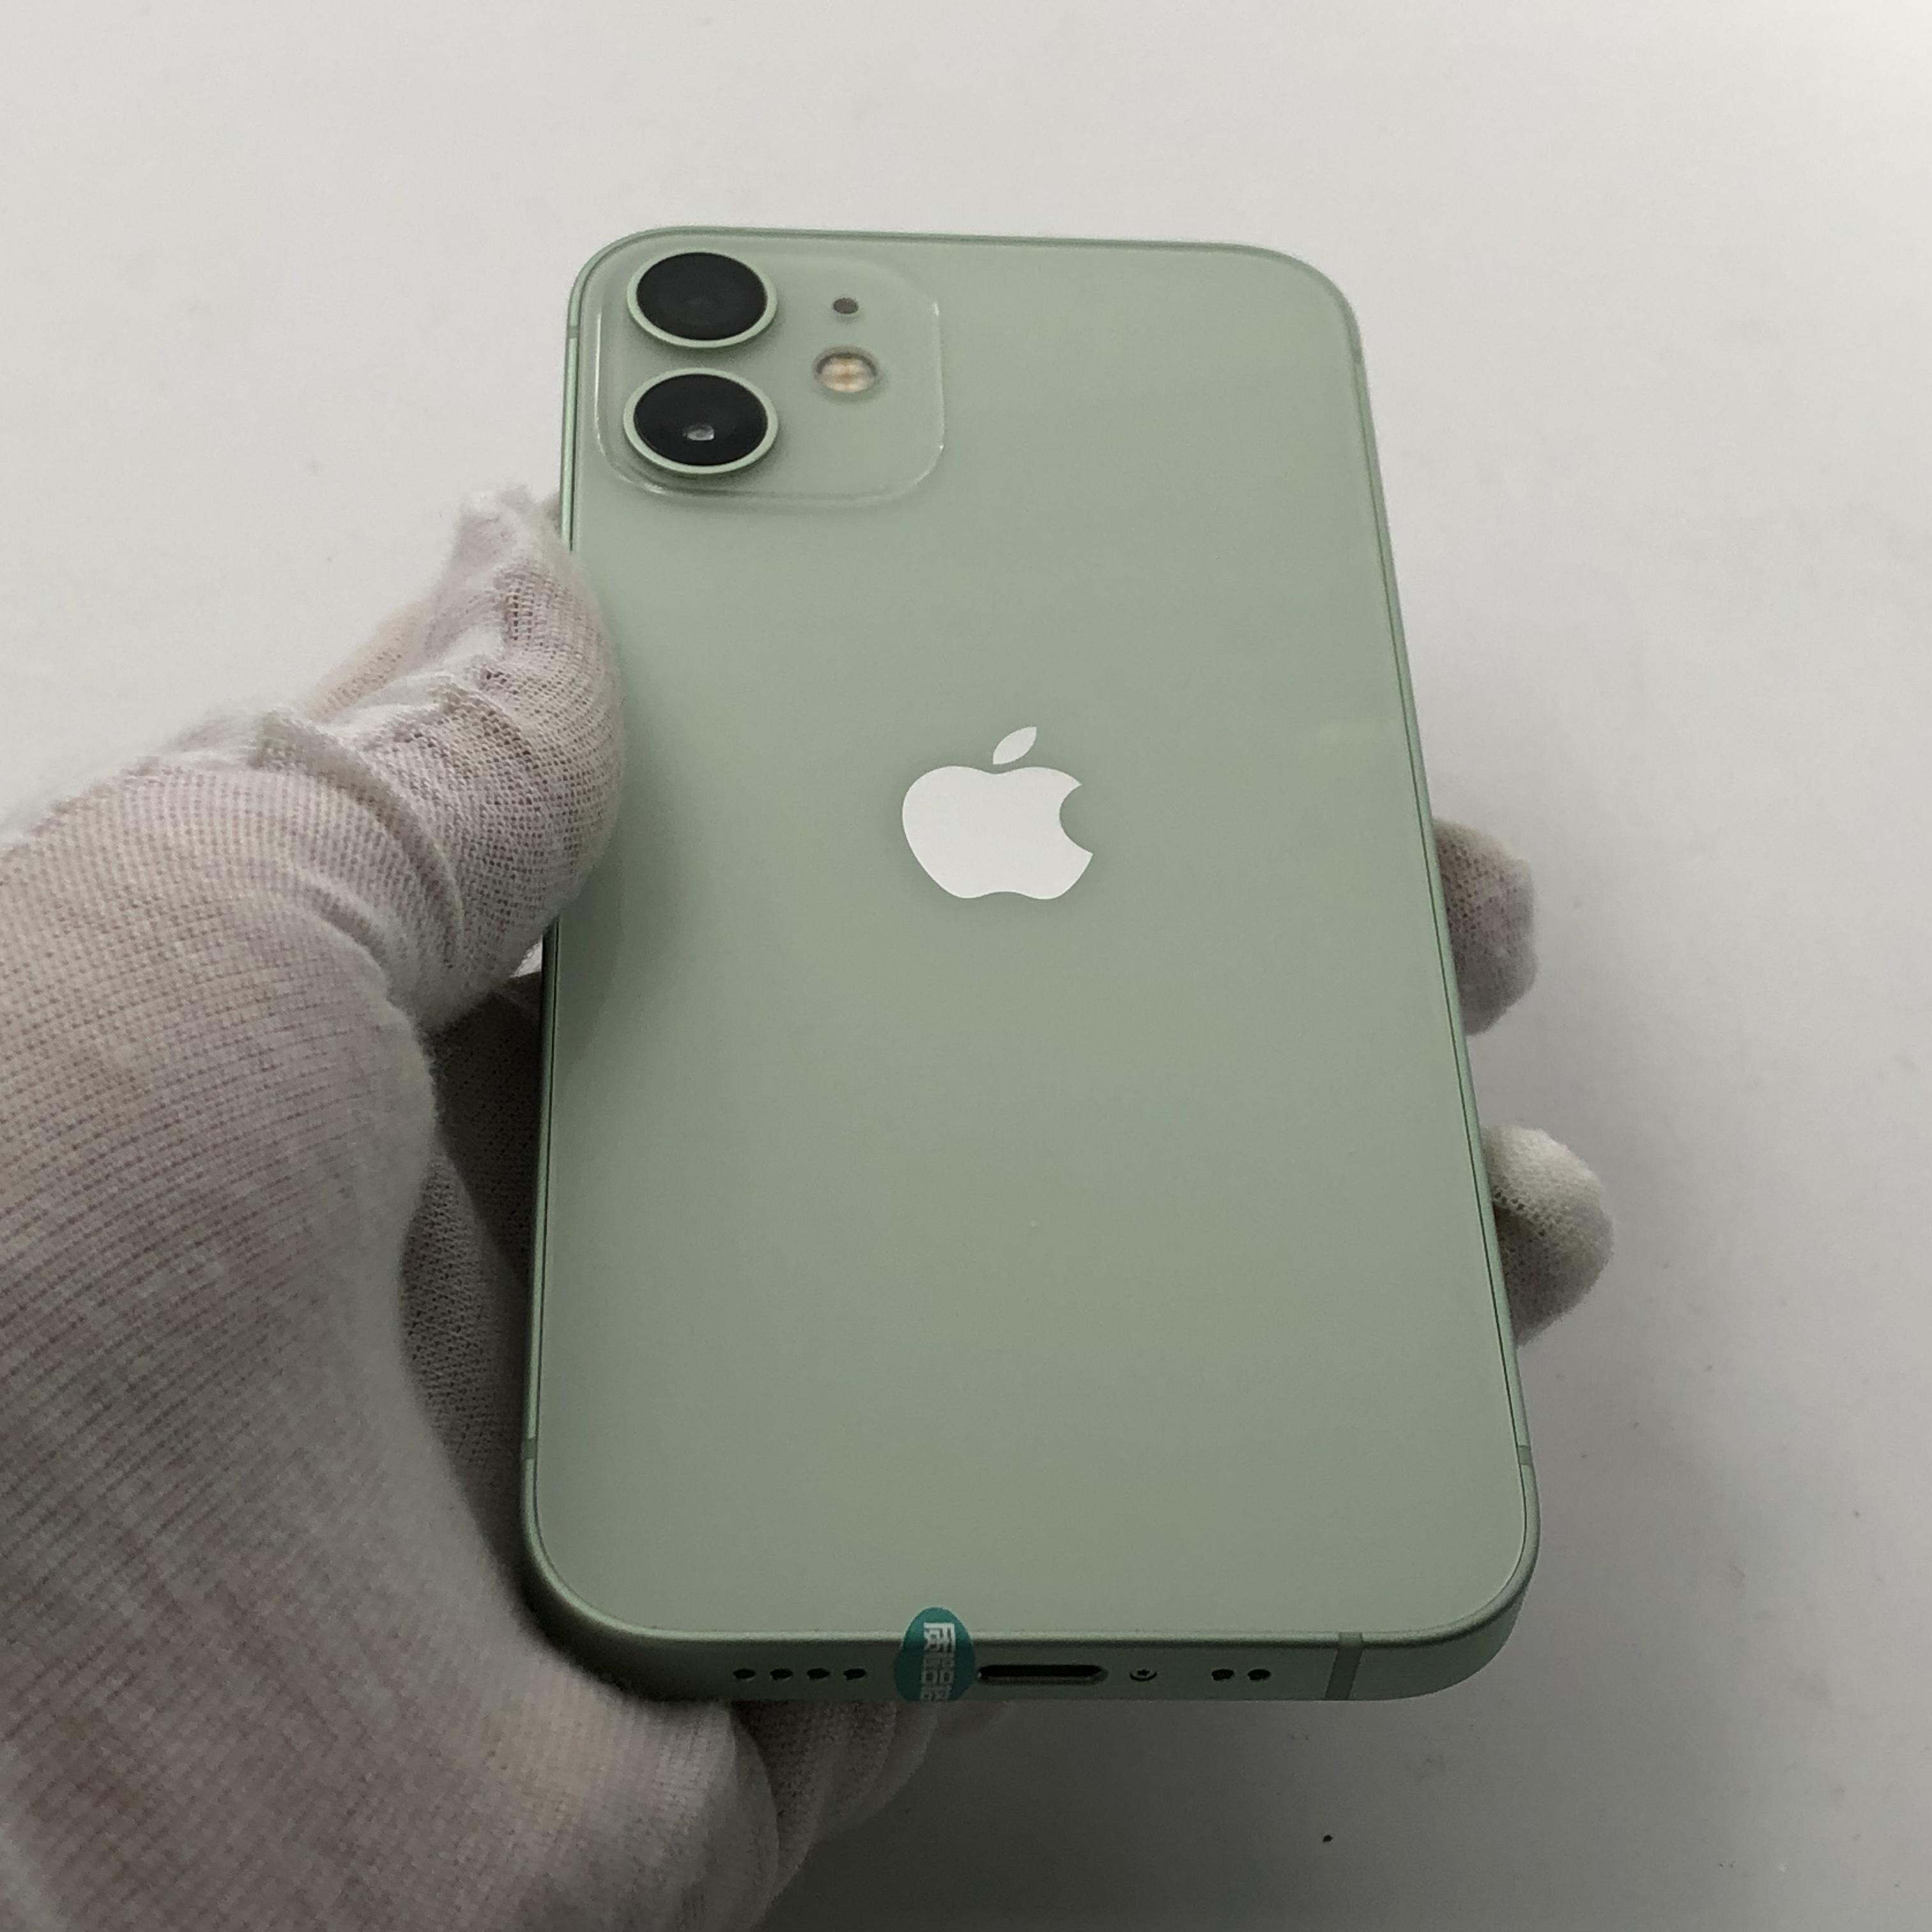 苹果【iPhone 12 mini】5G全网通 绿色 128G 国行 9成新